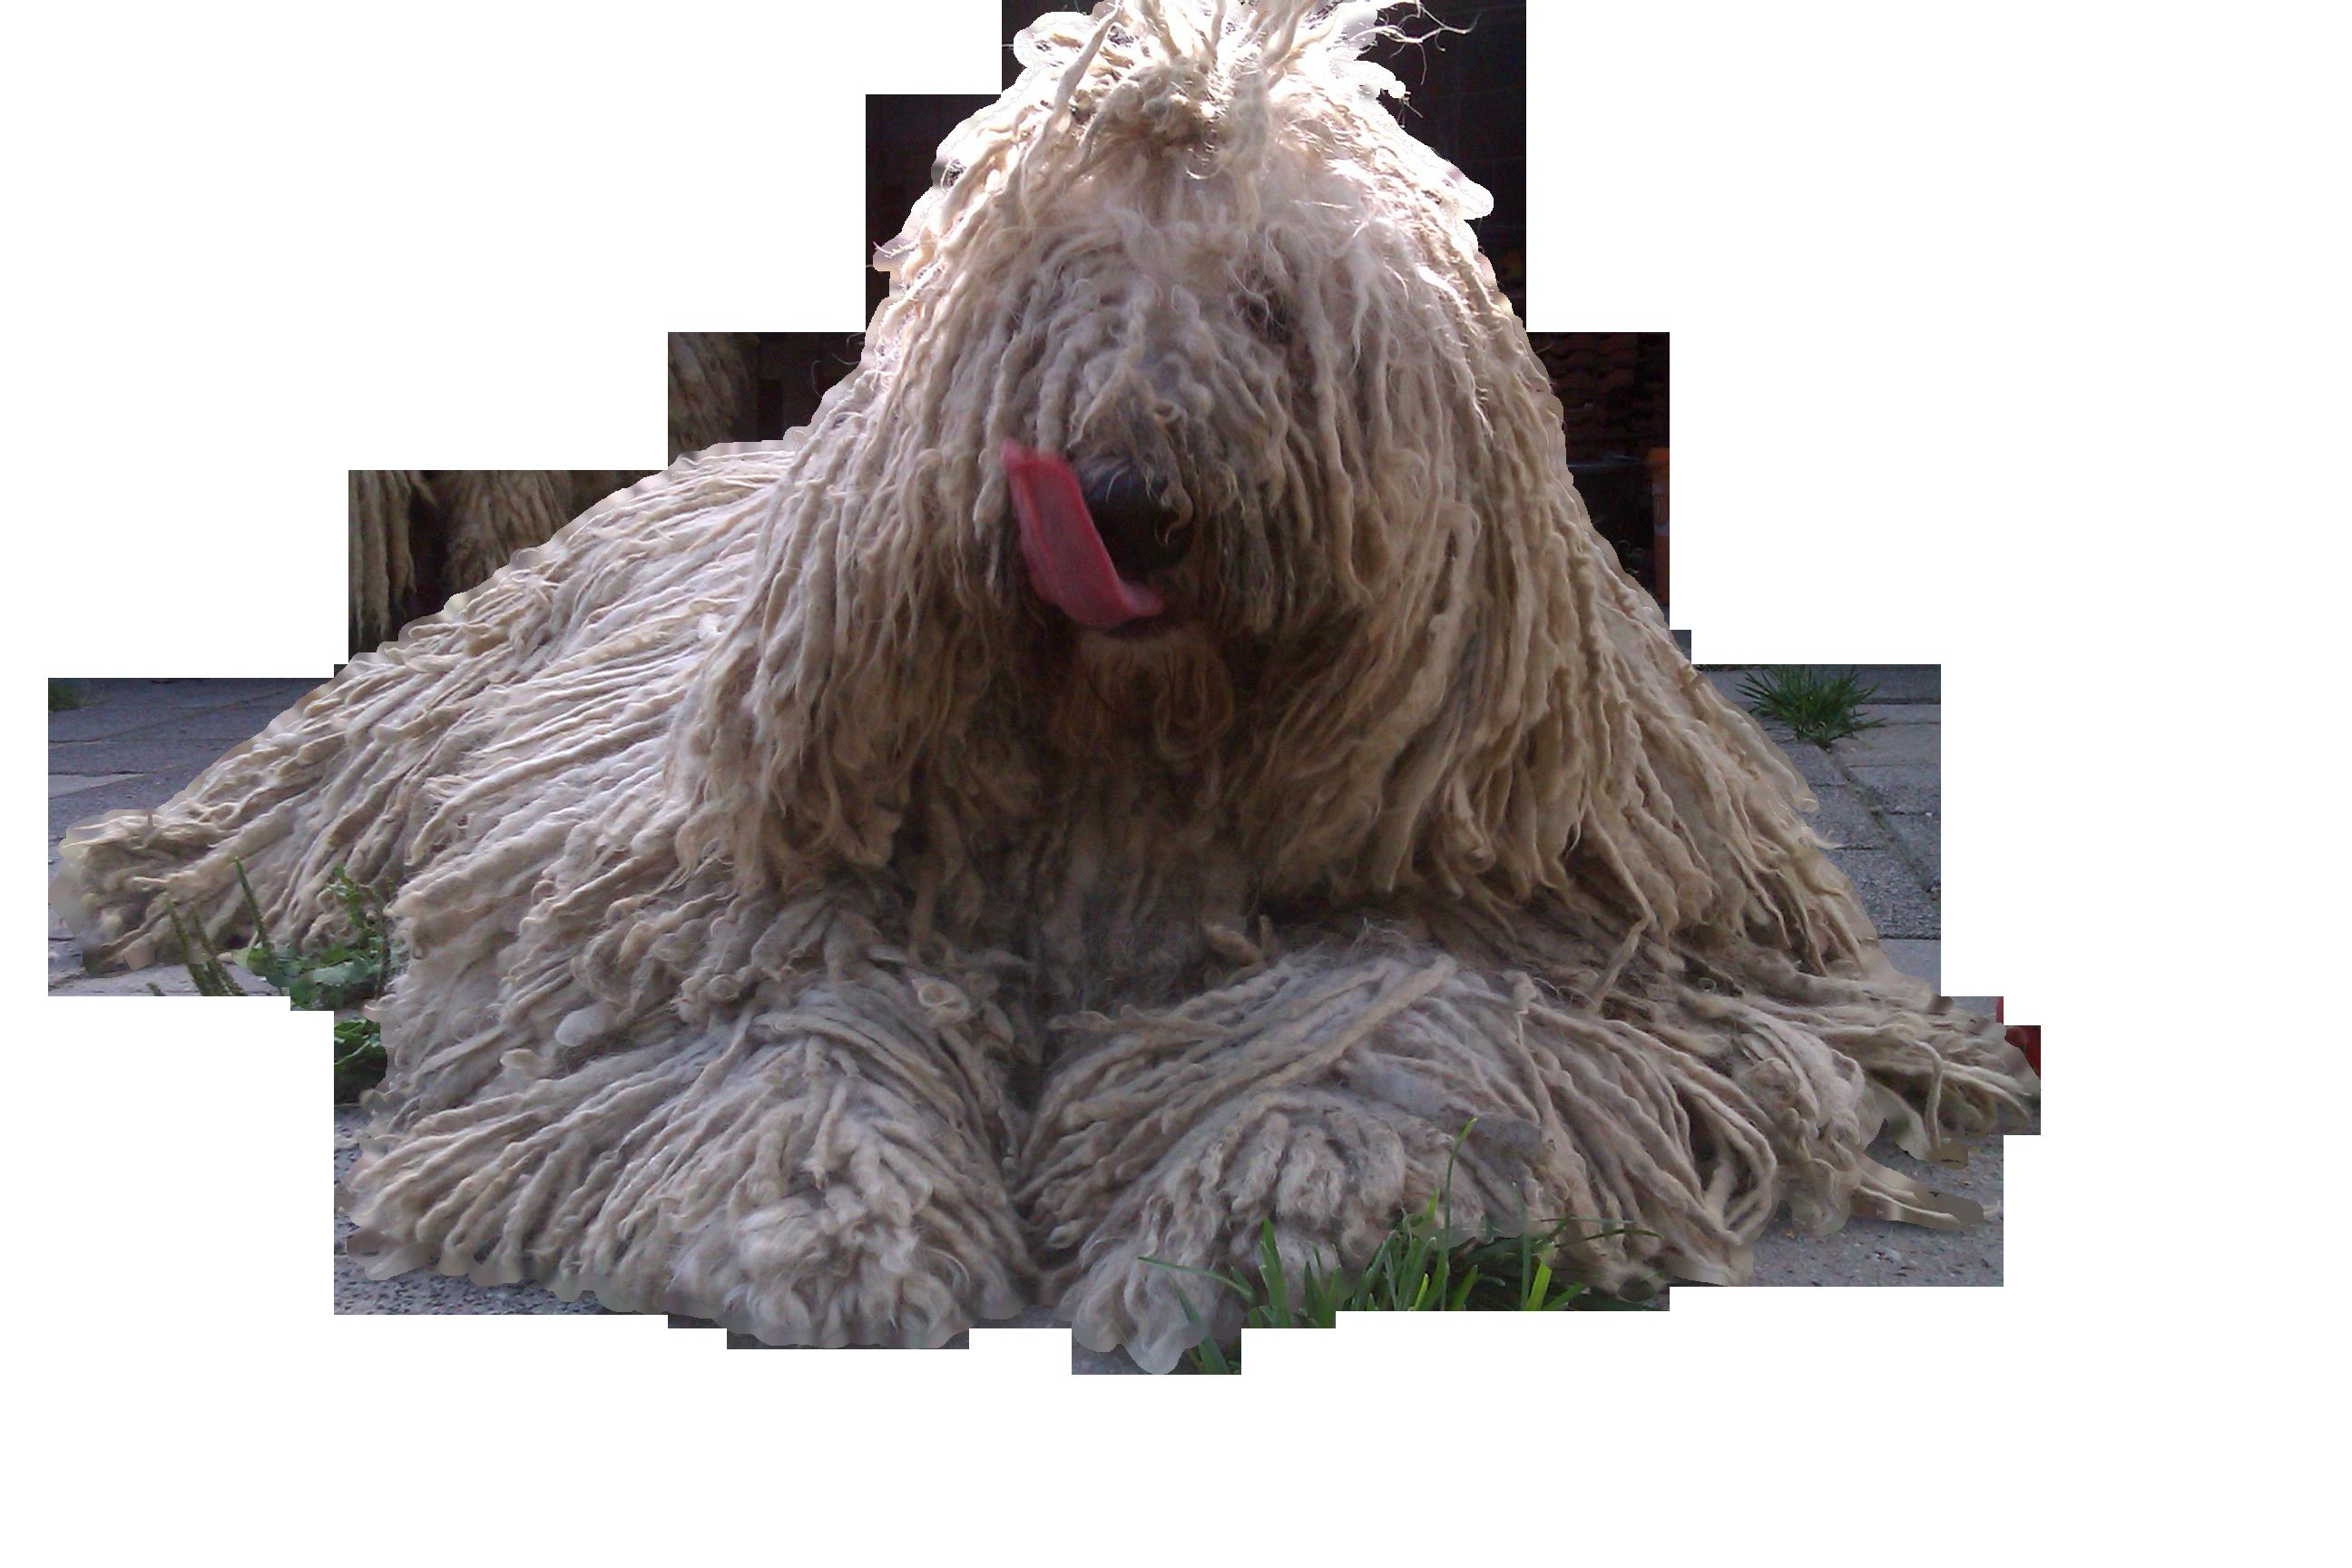 Всё о породе Комондор - фото собаки, описание породы Командор, характер, содержание и уход за венгерскими овчарками